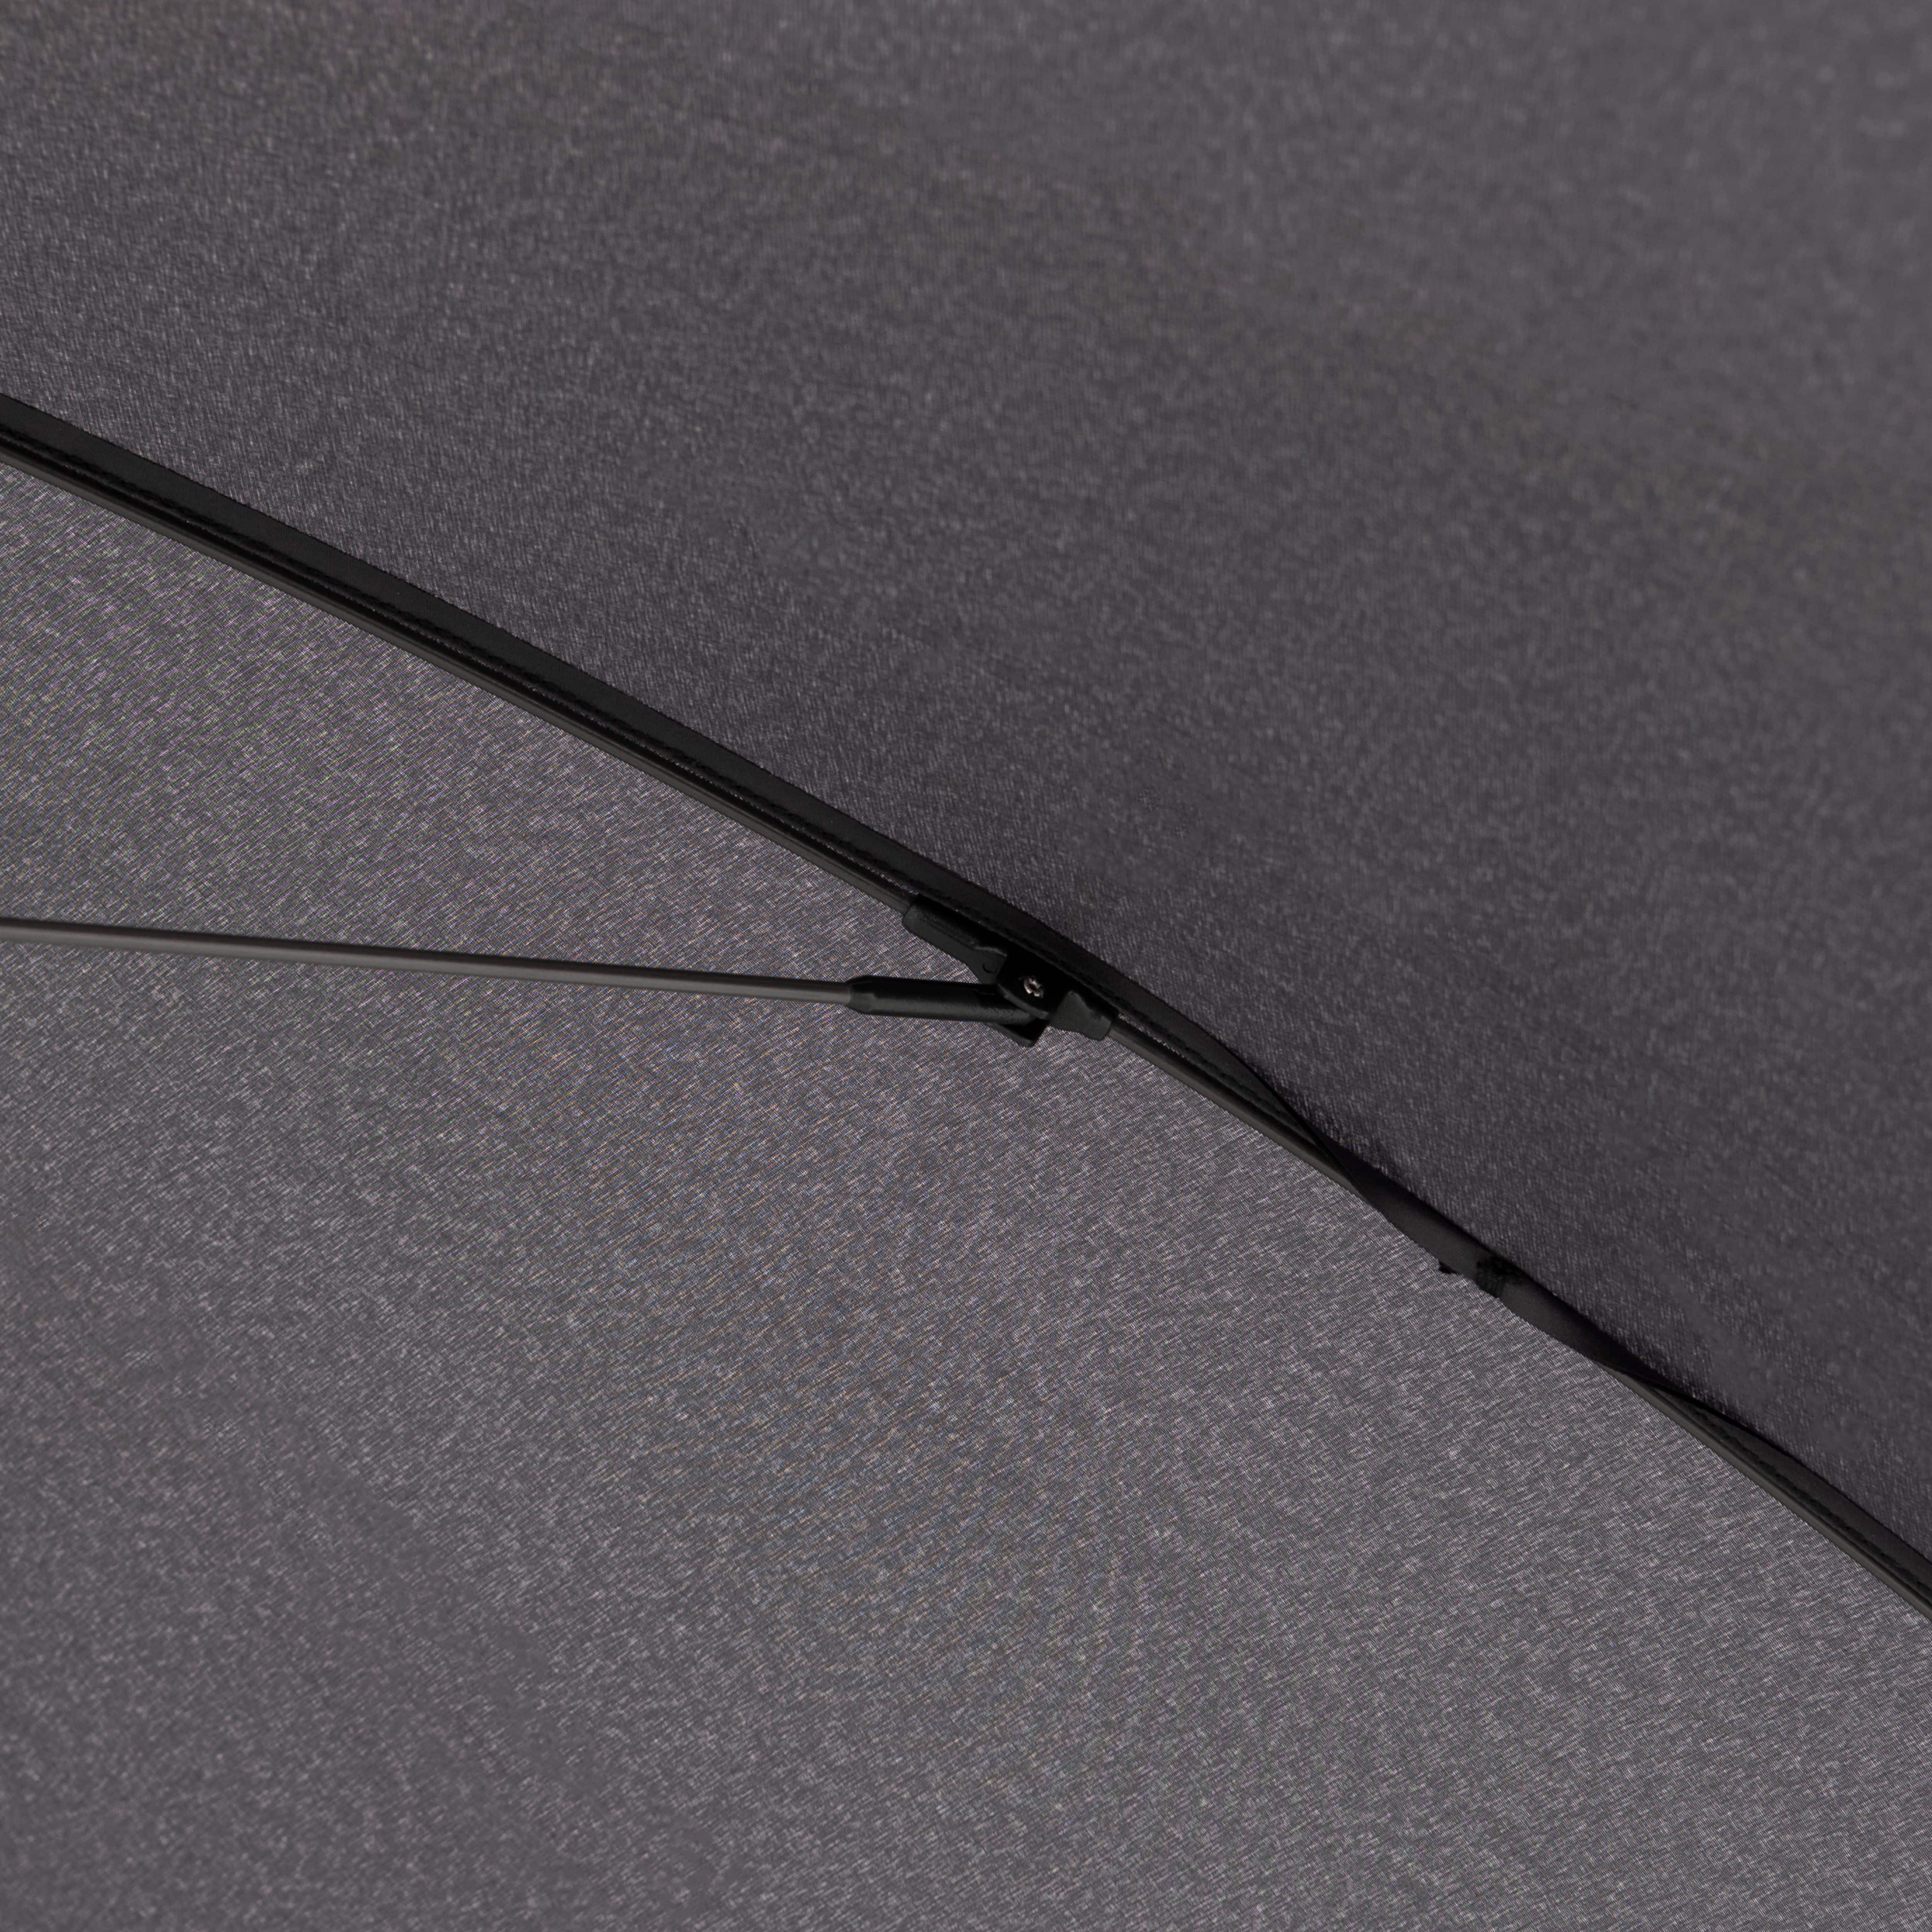 Knirps Umbrella U.900 ultra light XXL manual - foto 5